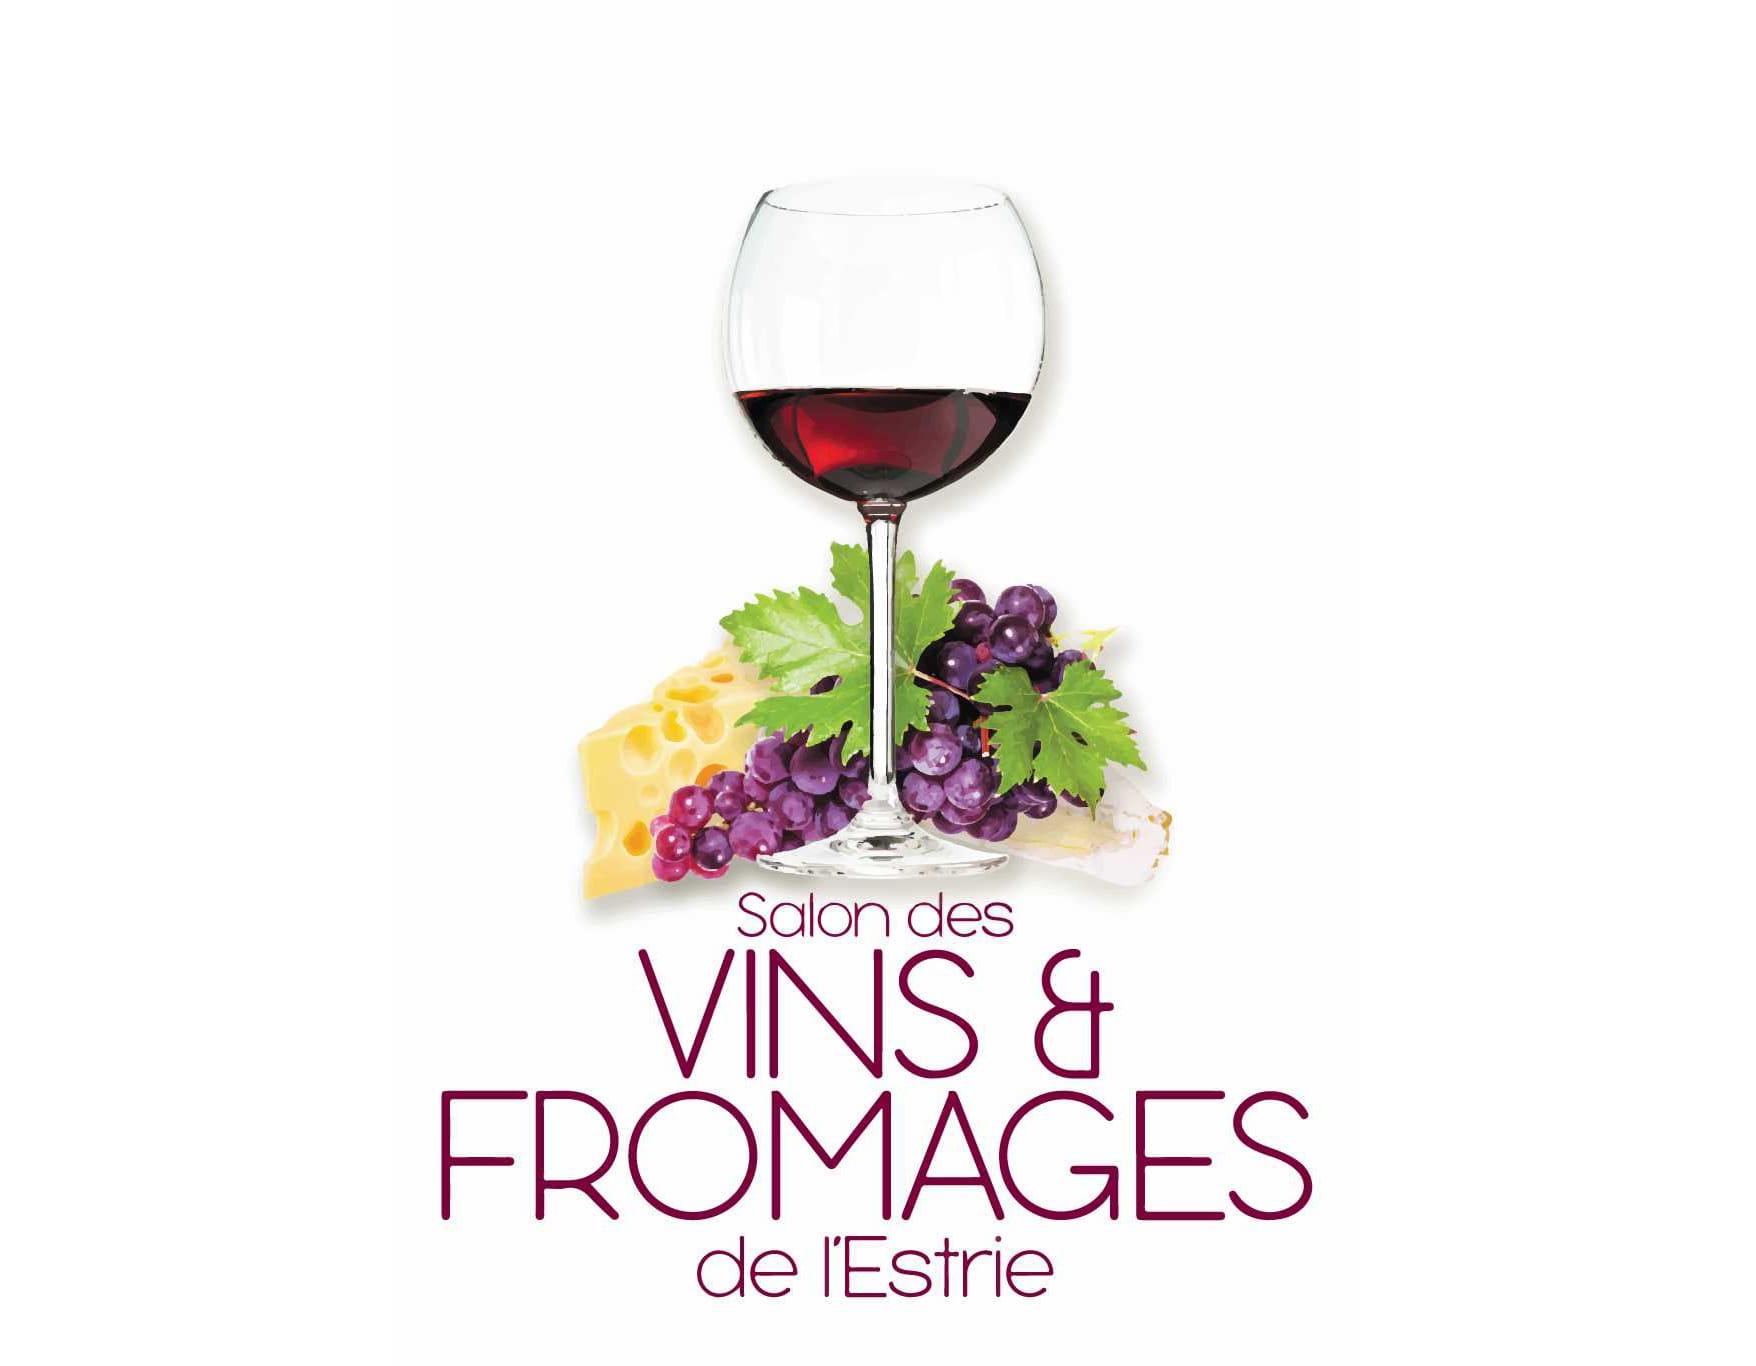 Salon des vins et fromages de l'Estrie